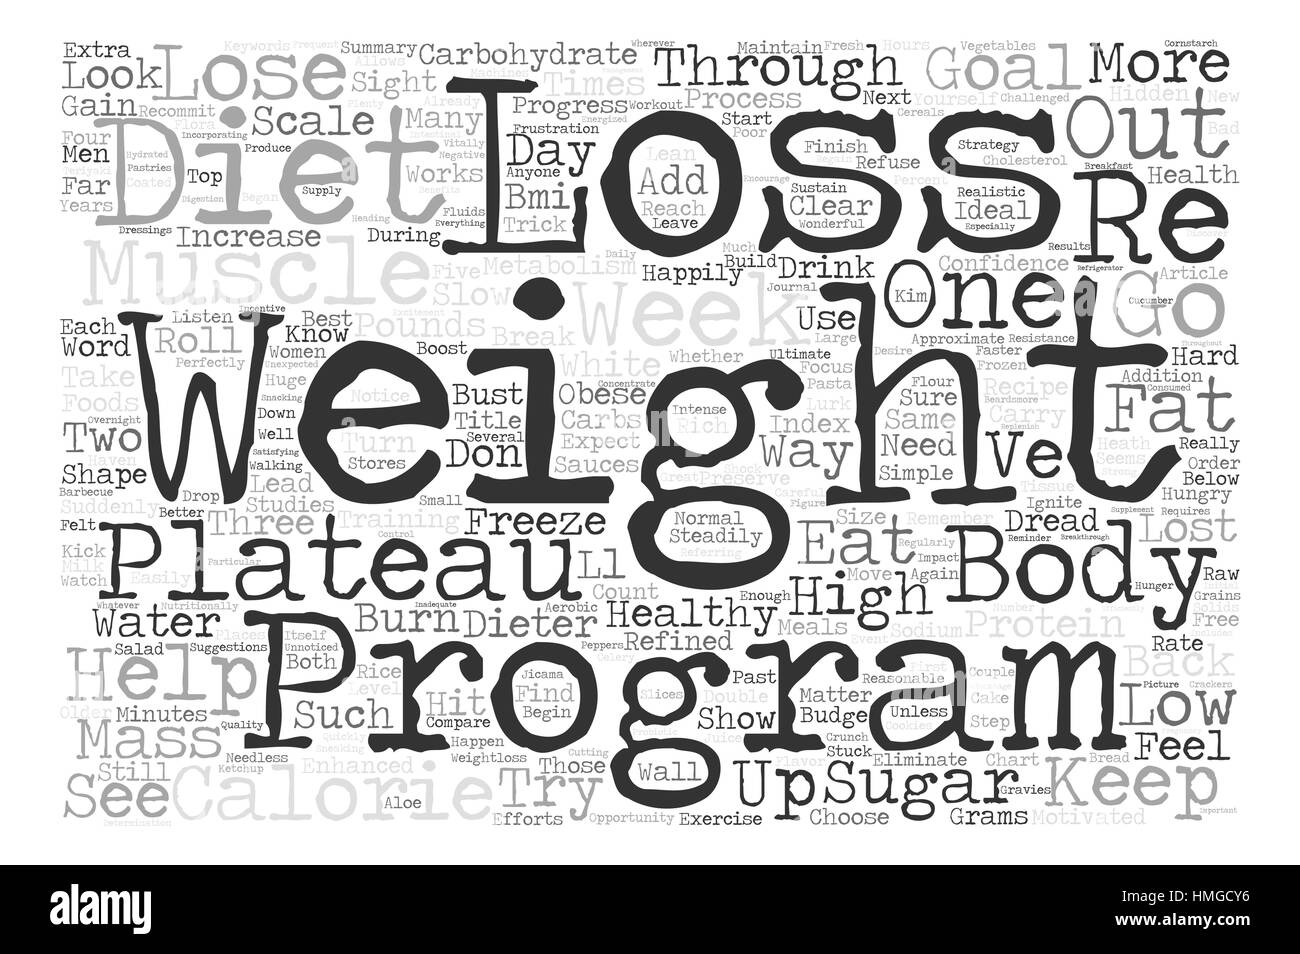 220 lb woman weight loss